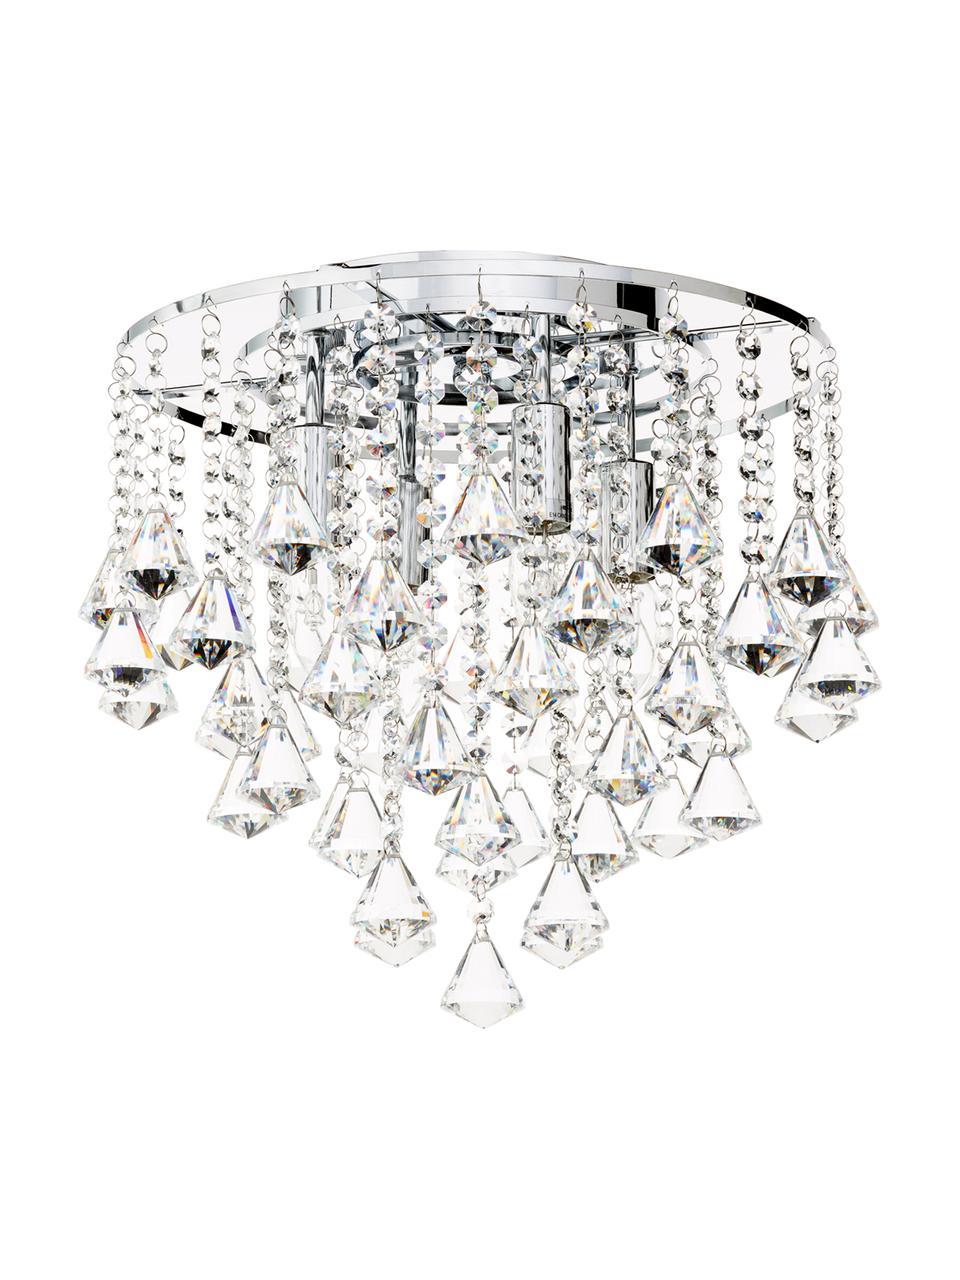 Křišťálové stropní svítidlo Dorchester, Transparentní, chromová